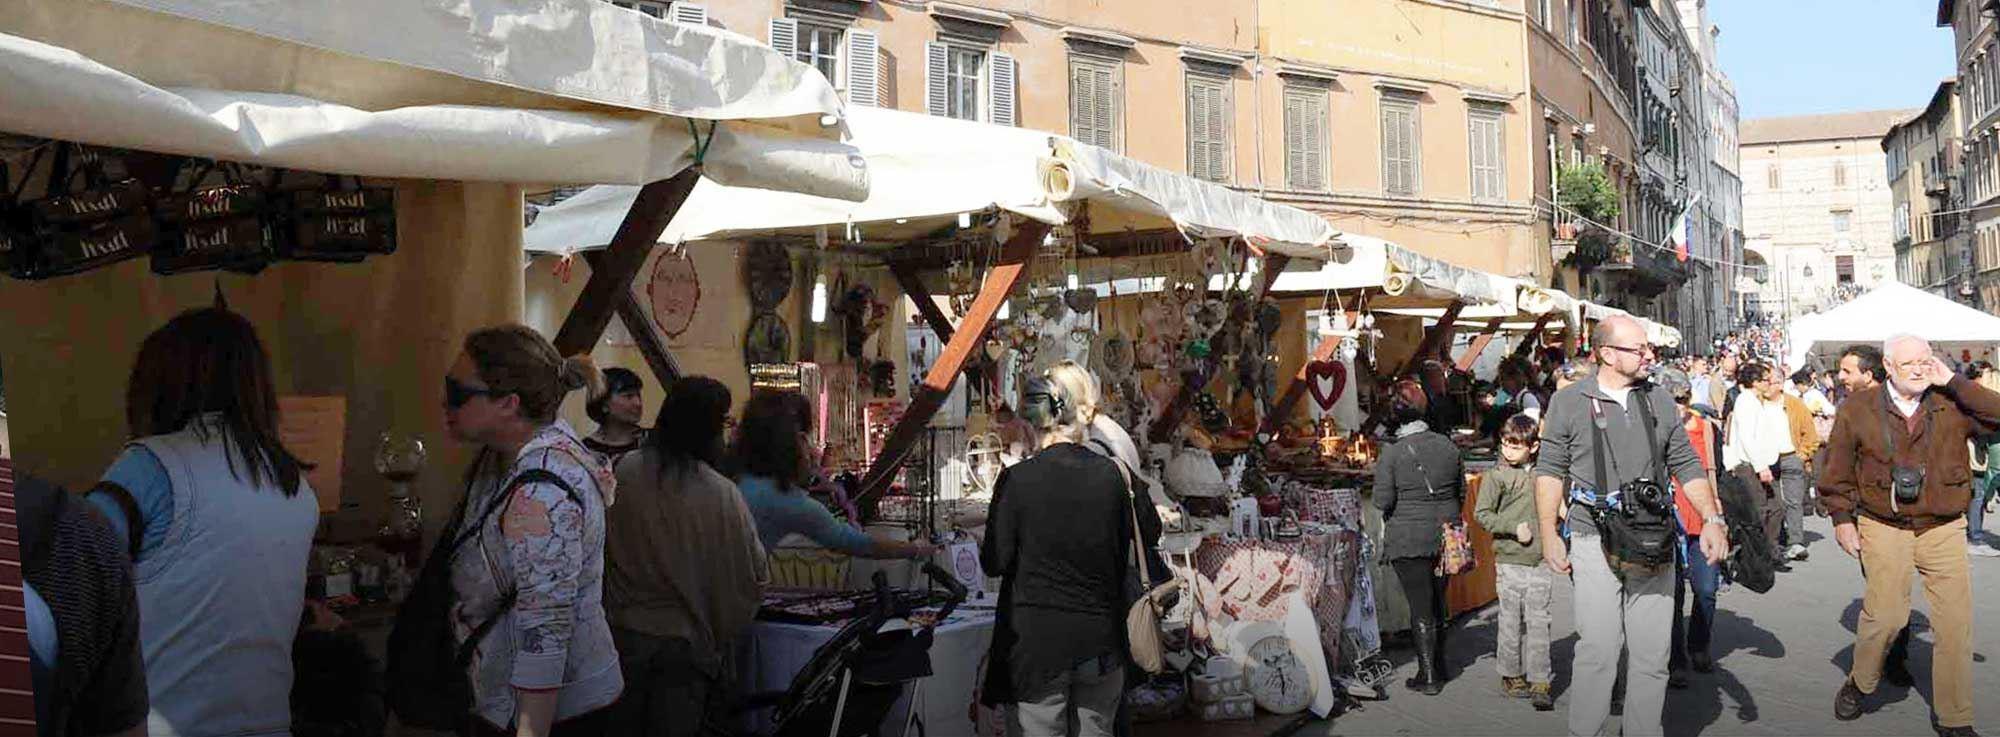 Carpignano Salentino: Fiera di Ognissanti